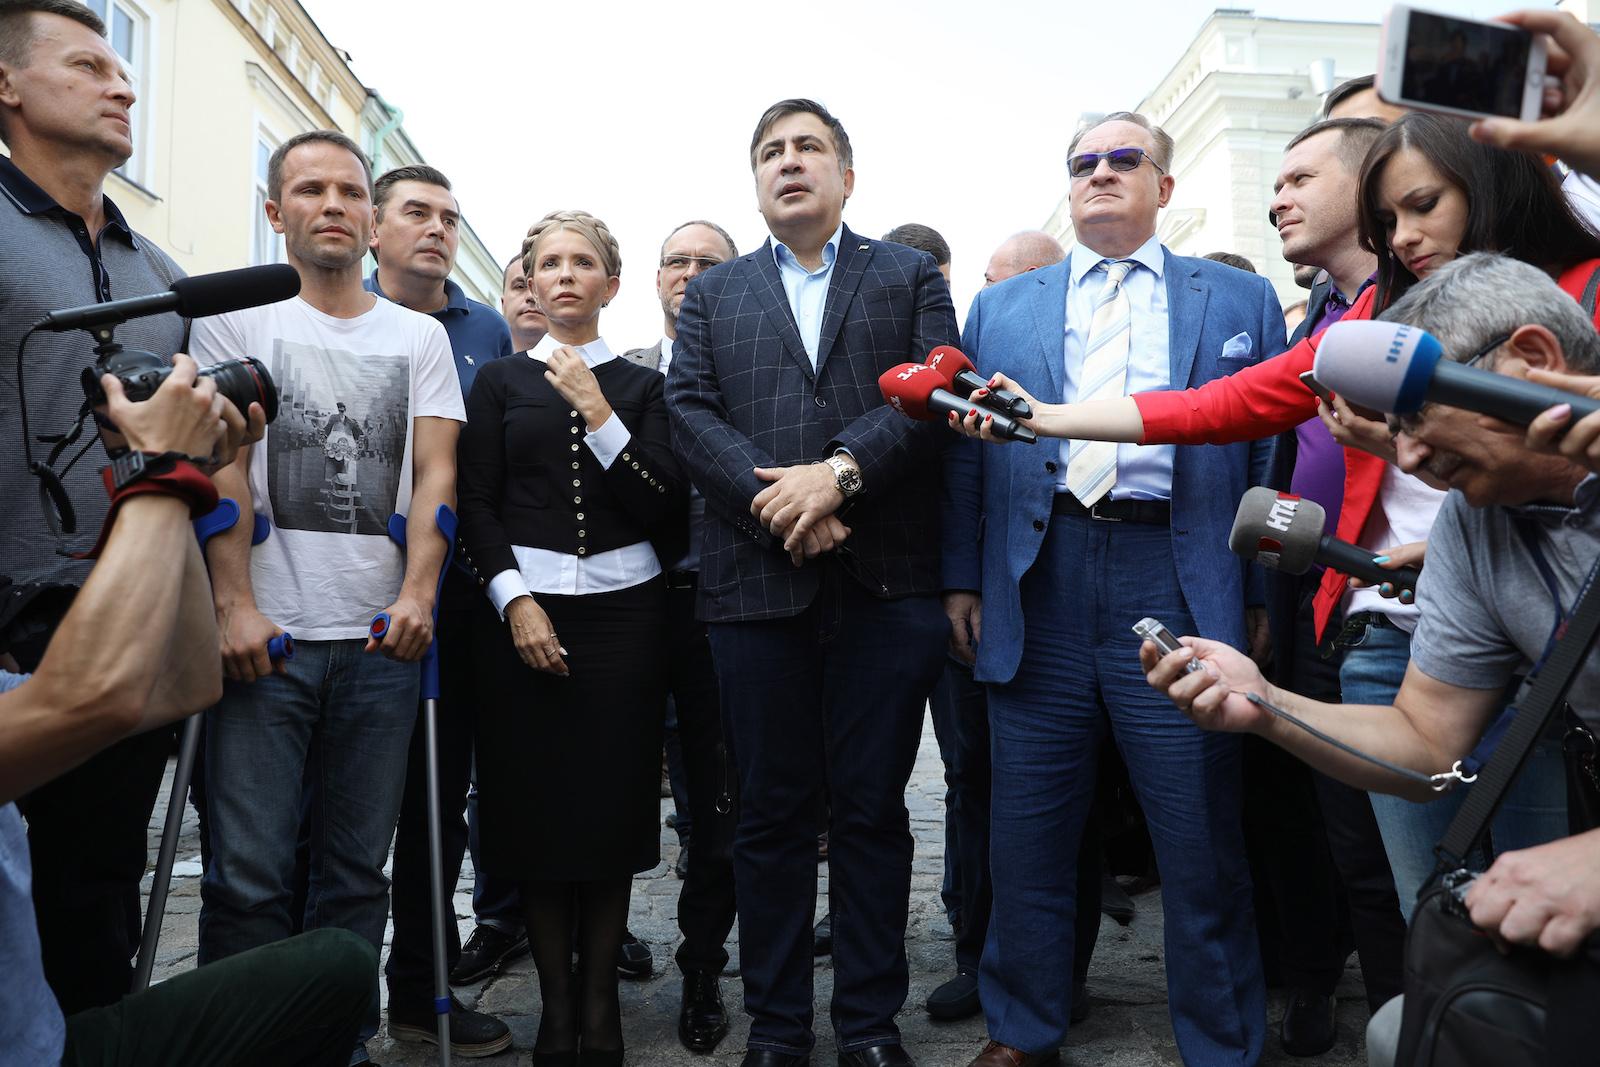 სააკაშვილი იულია ტიმოშენკო და სხვა პოლიტიკოსები უკრაინაში შესვლამდე © EPA-EFE/Rafal Guz POLAND OUT